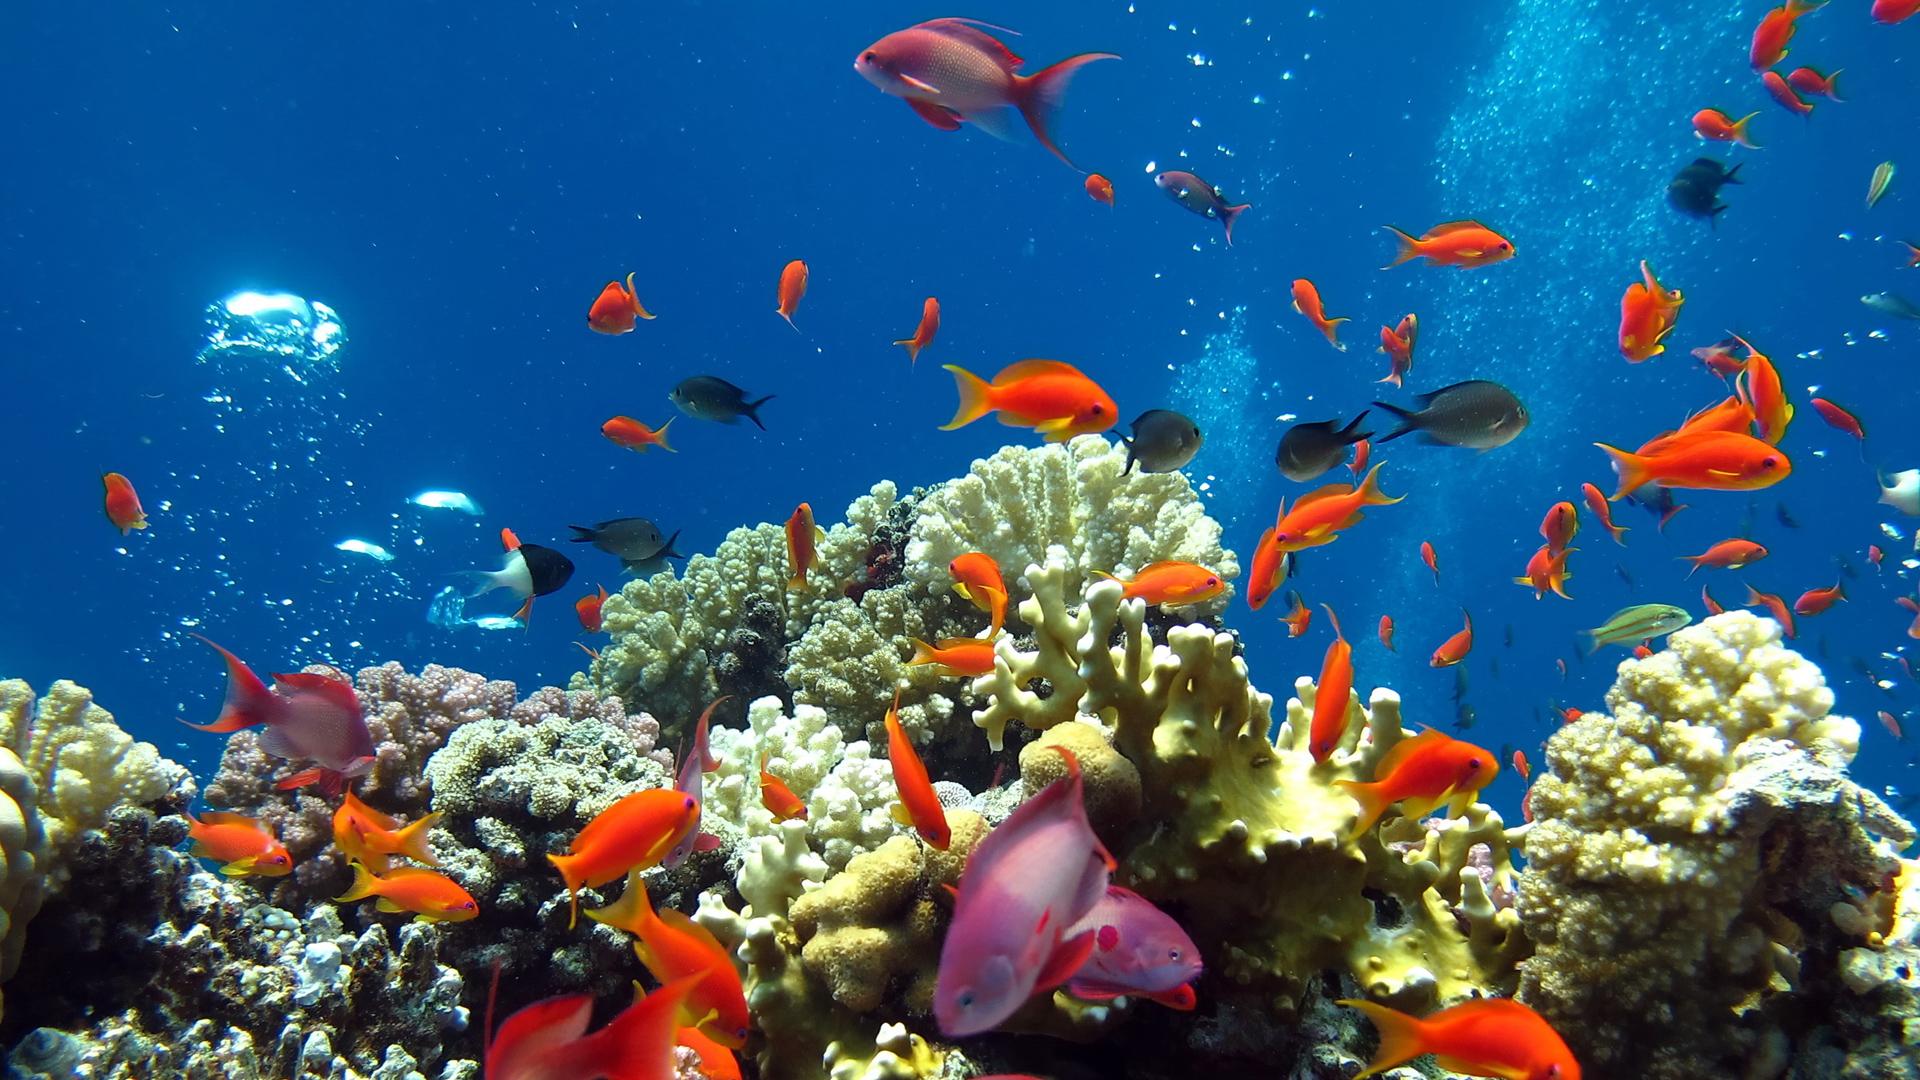 Обои подводный мир 1920x1080 картинки фото HD обои подводный мир ...   1080x1920